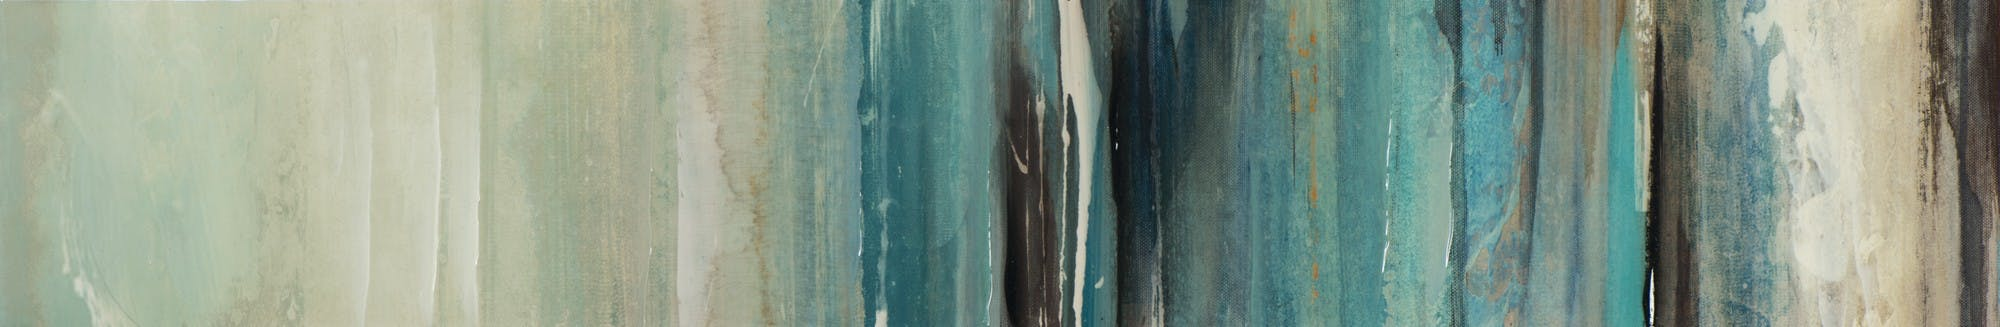 Peinture laquée 25x150cm - bleu, noir et blanc - style abstrait